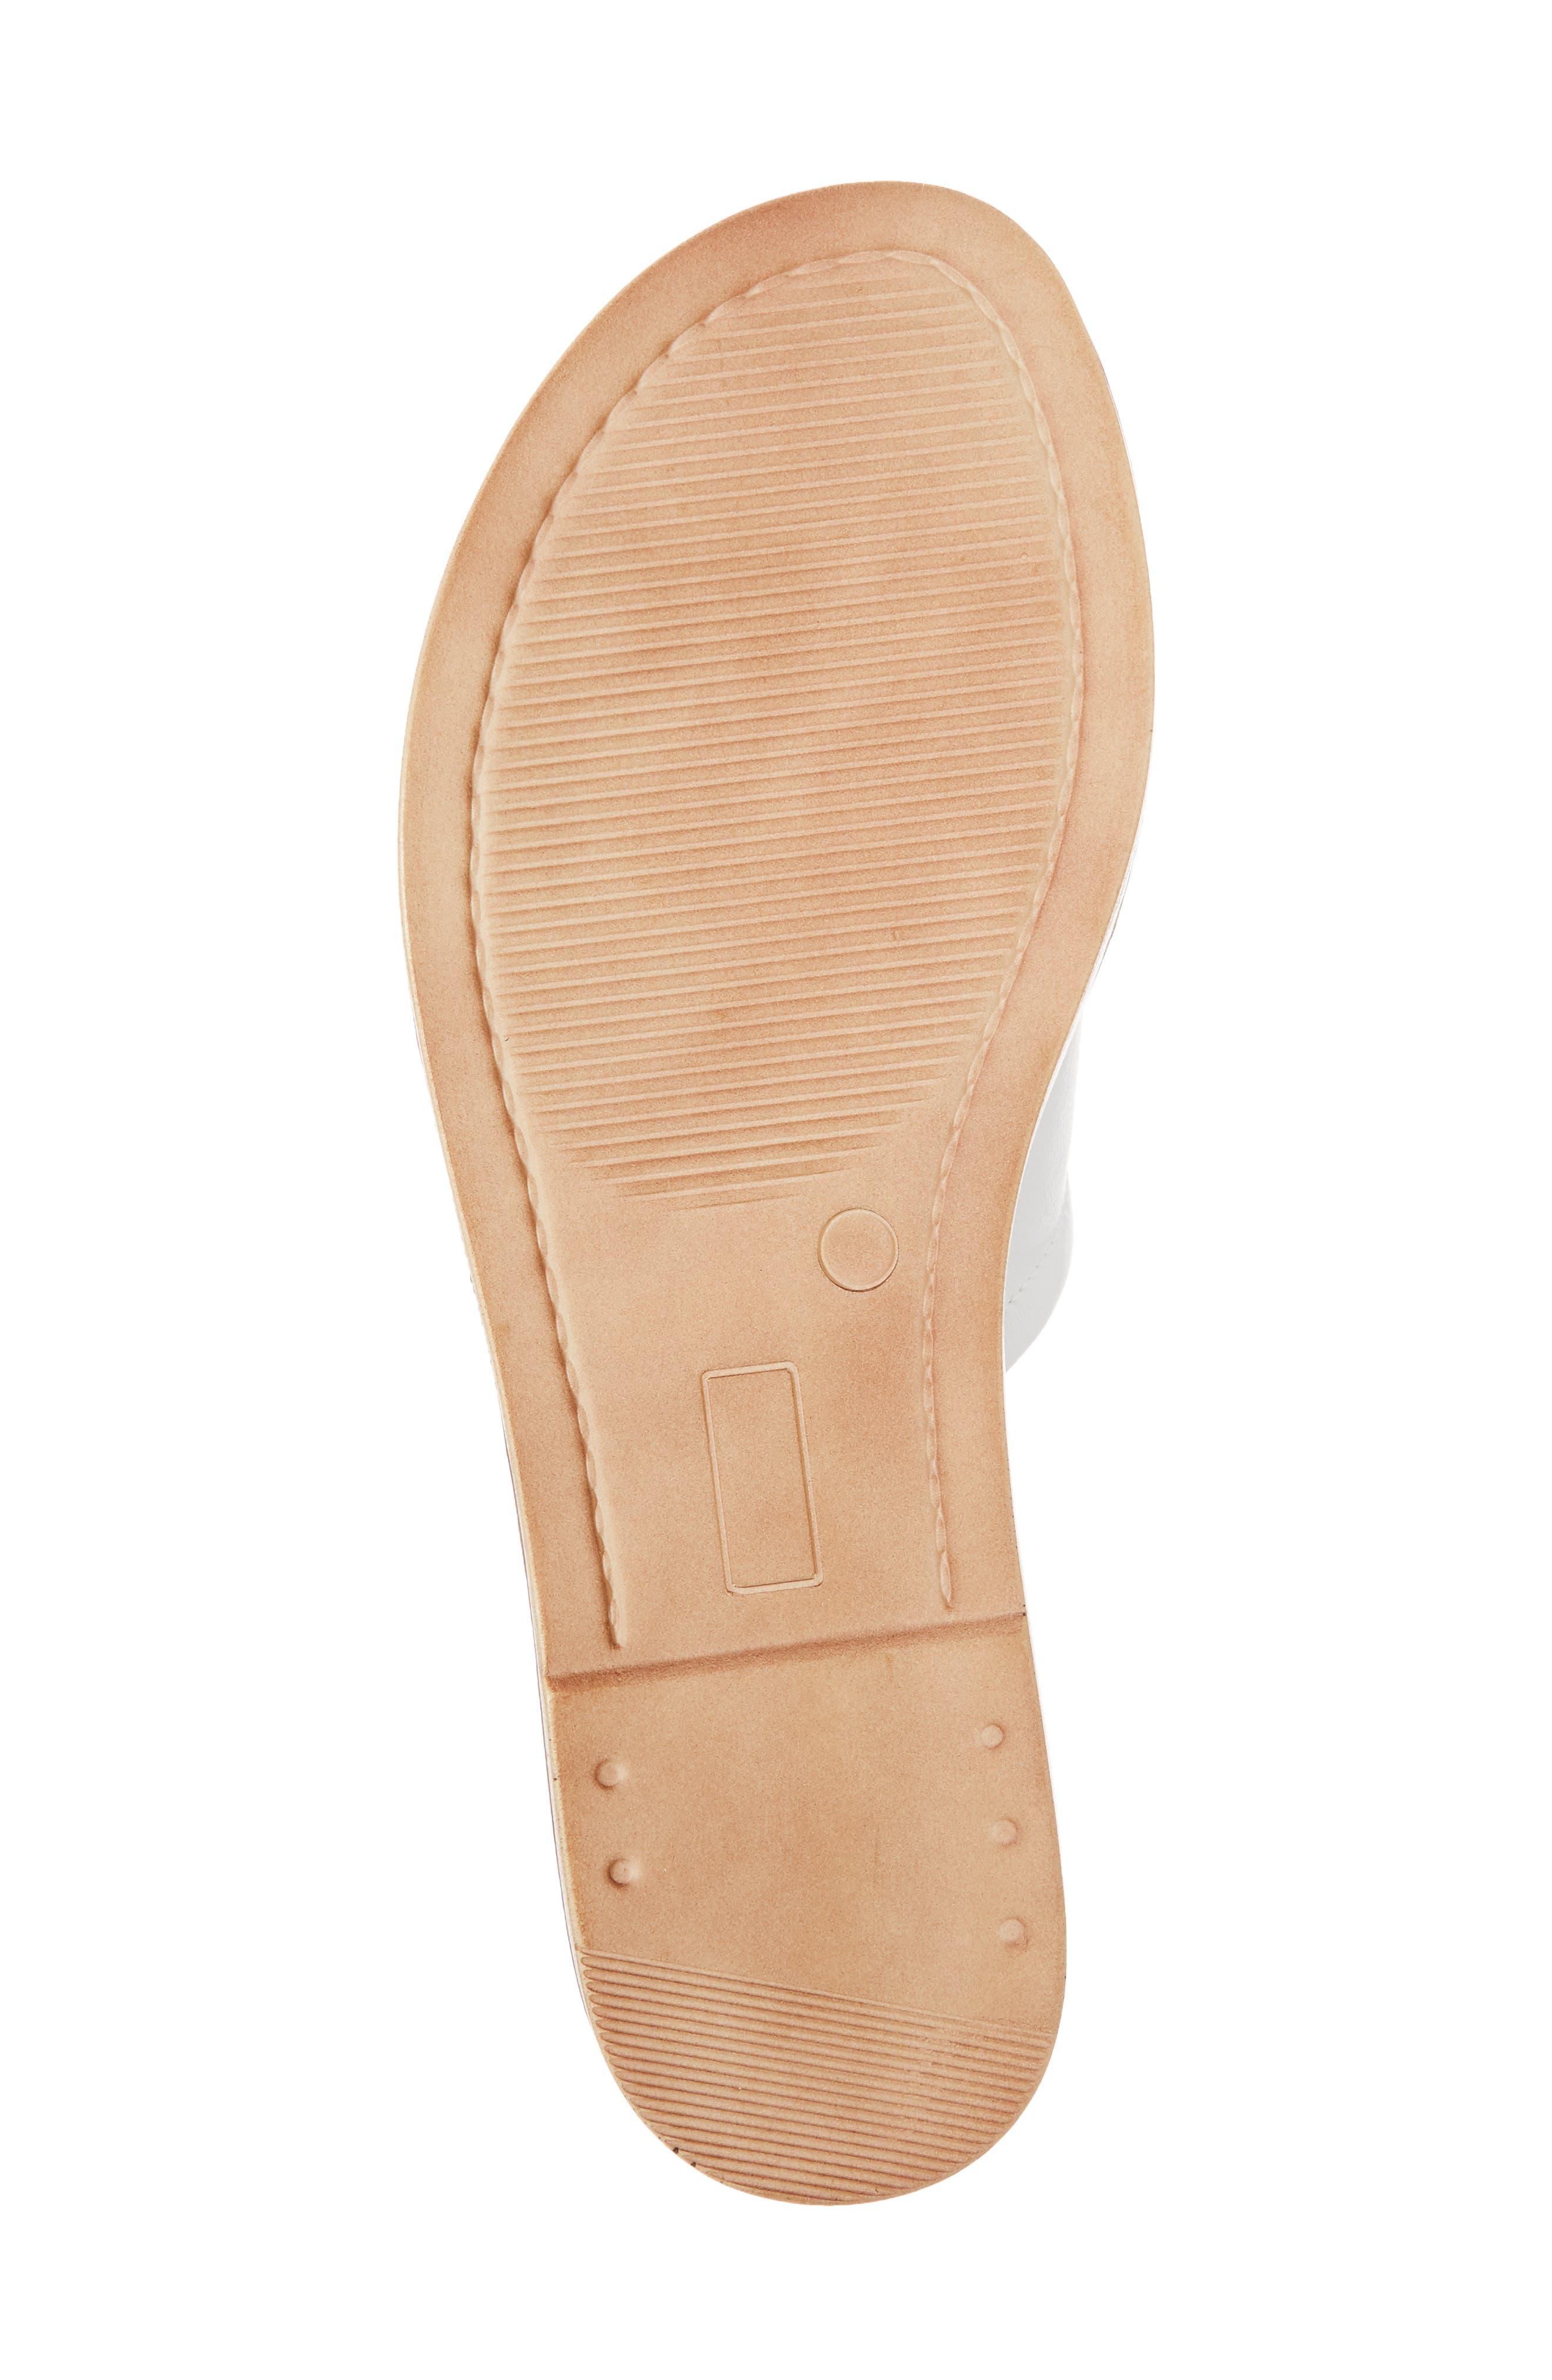 Ros Slide Sandal,                             Alternate thumbnail 6, color,                             White Leather